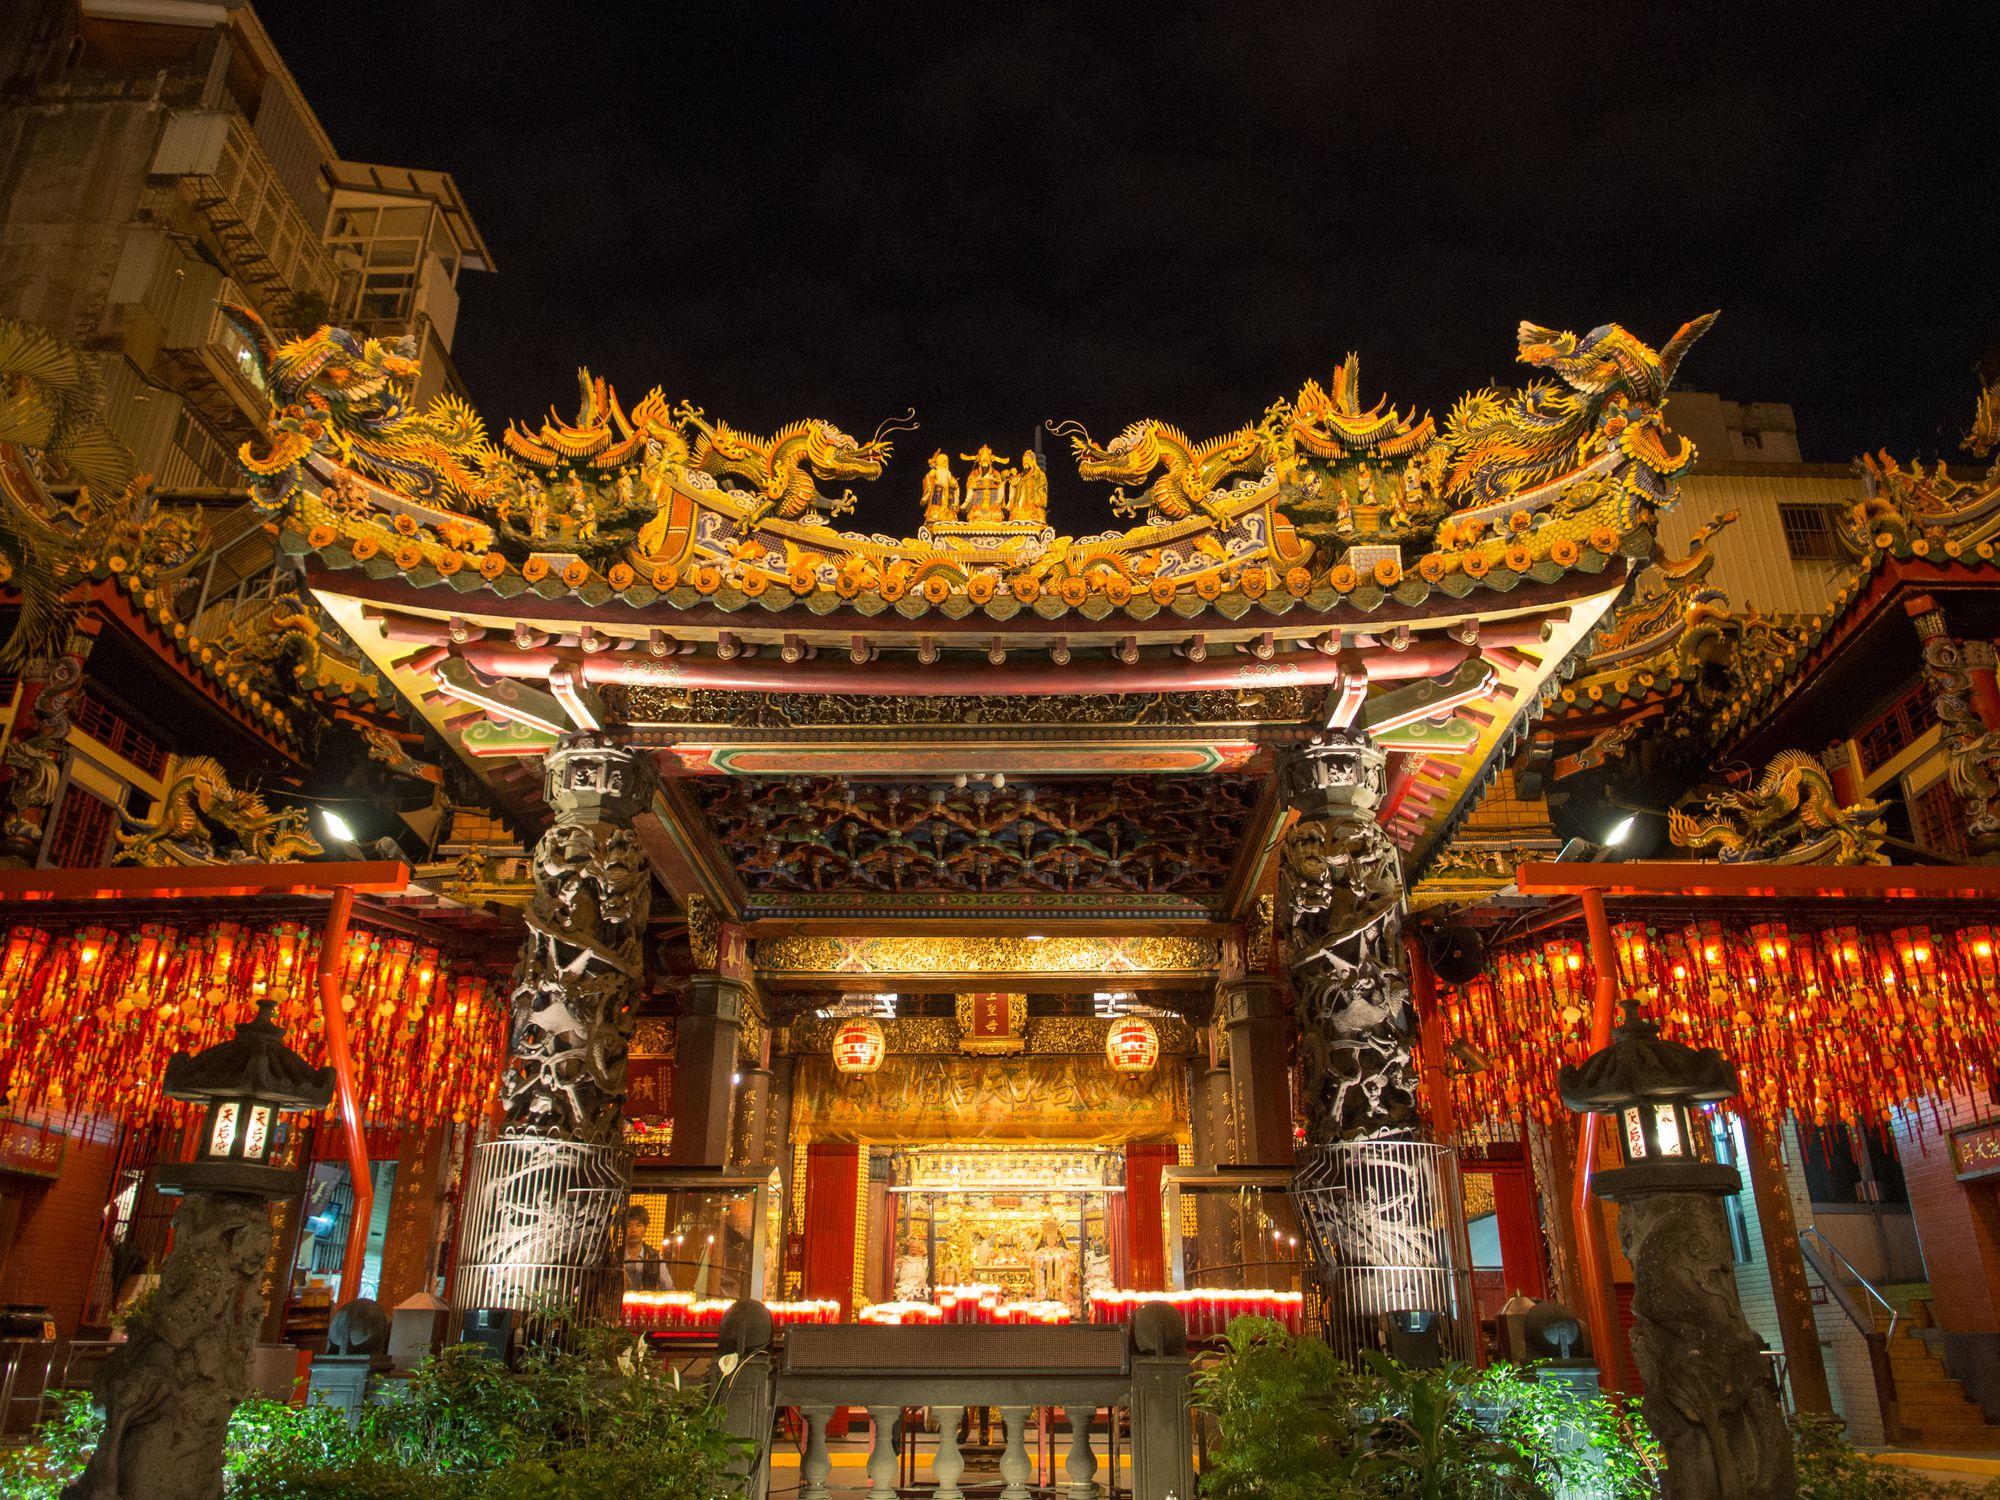 Tienhou Temple